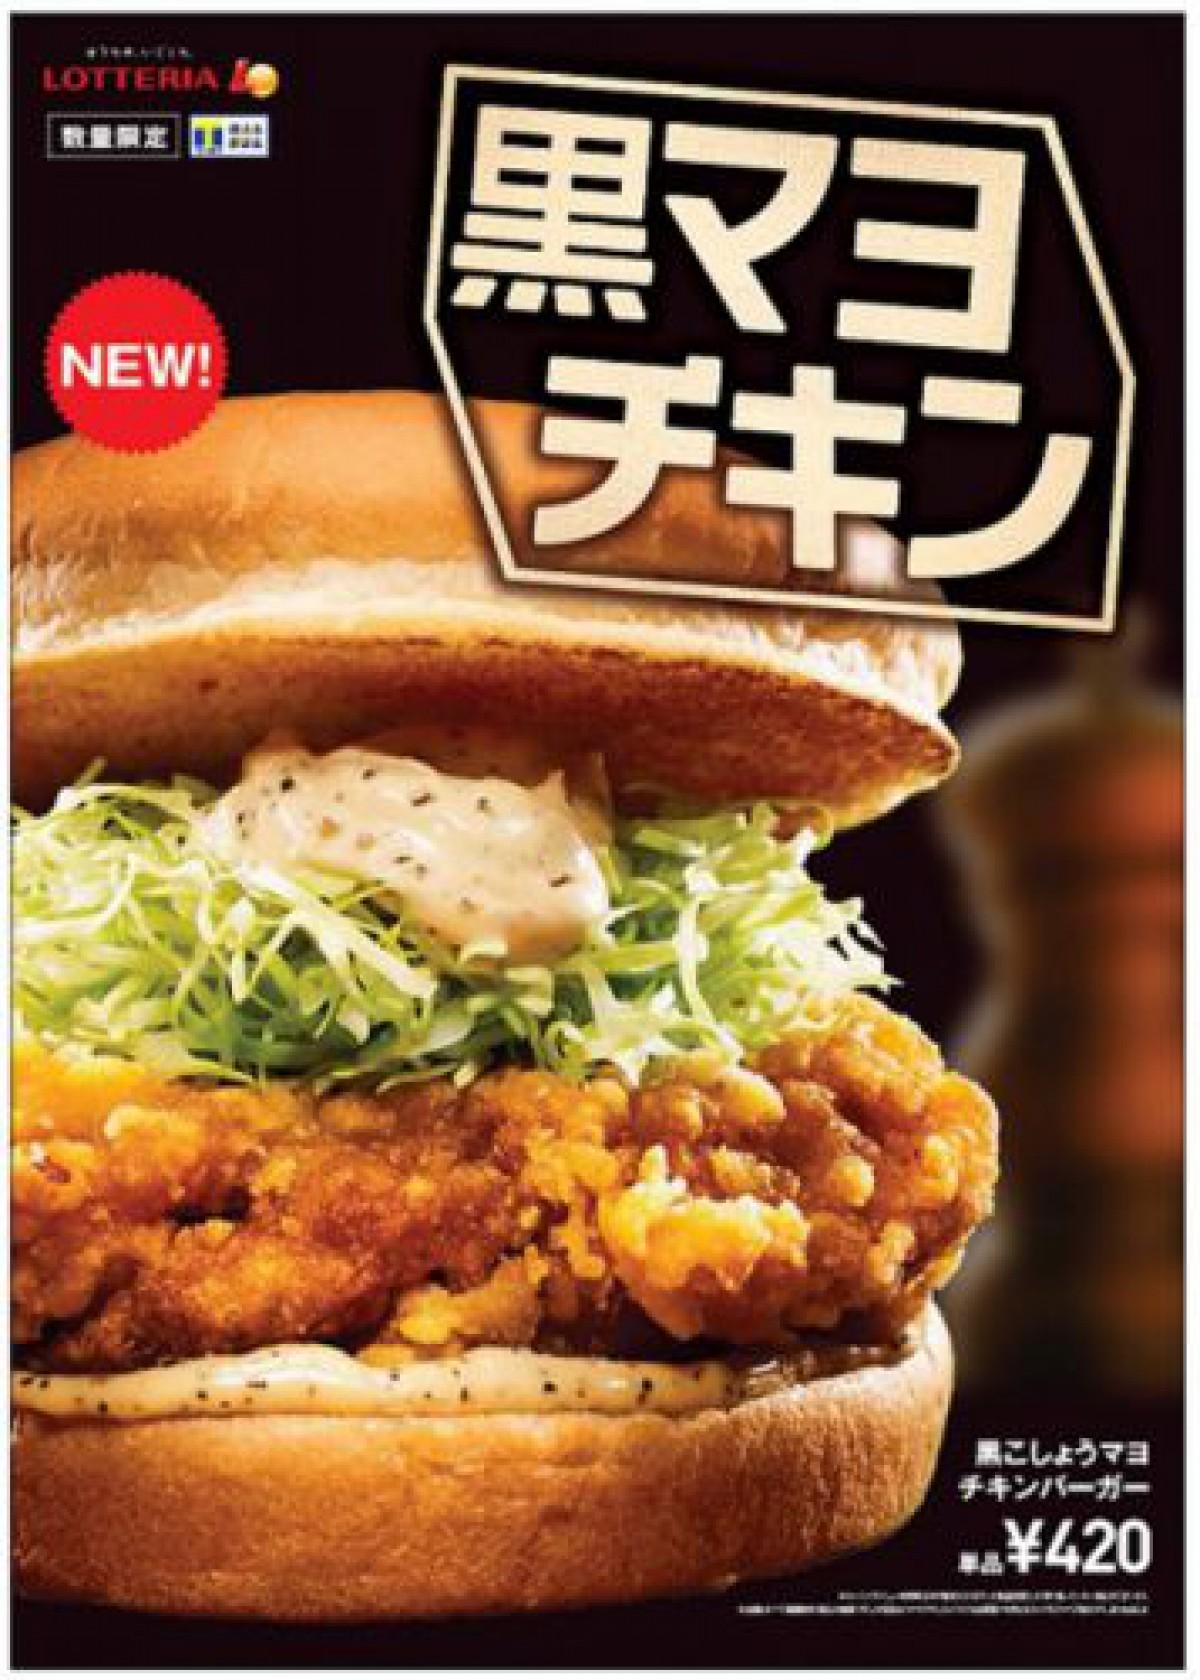 ロッテリアからボリュームたっぷりの新商品「黒こしょうマヨチキンバーガー」登場